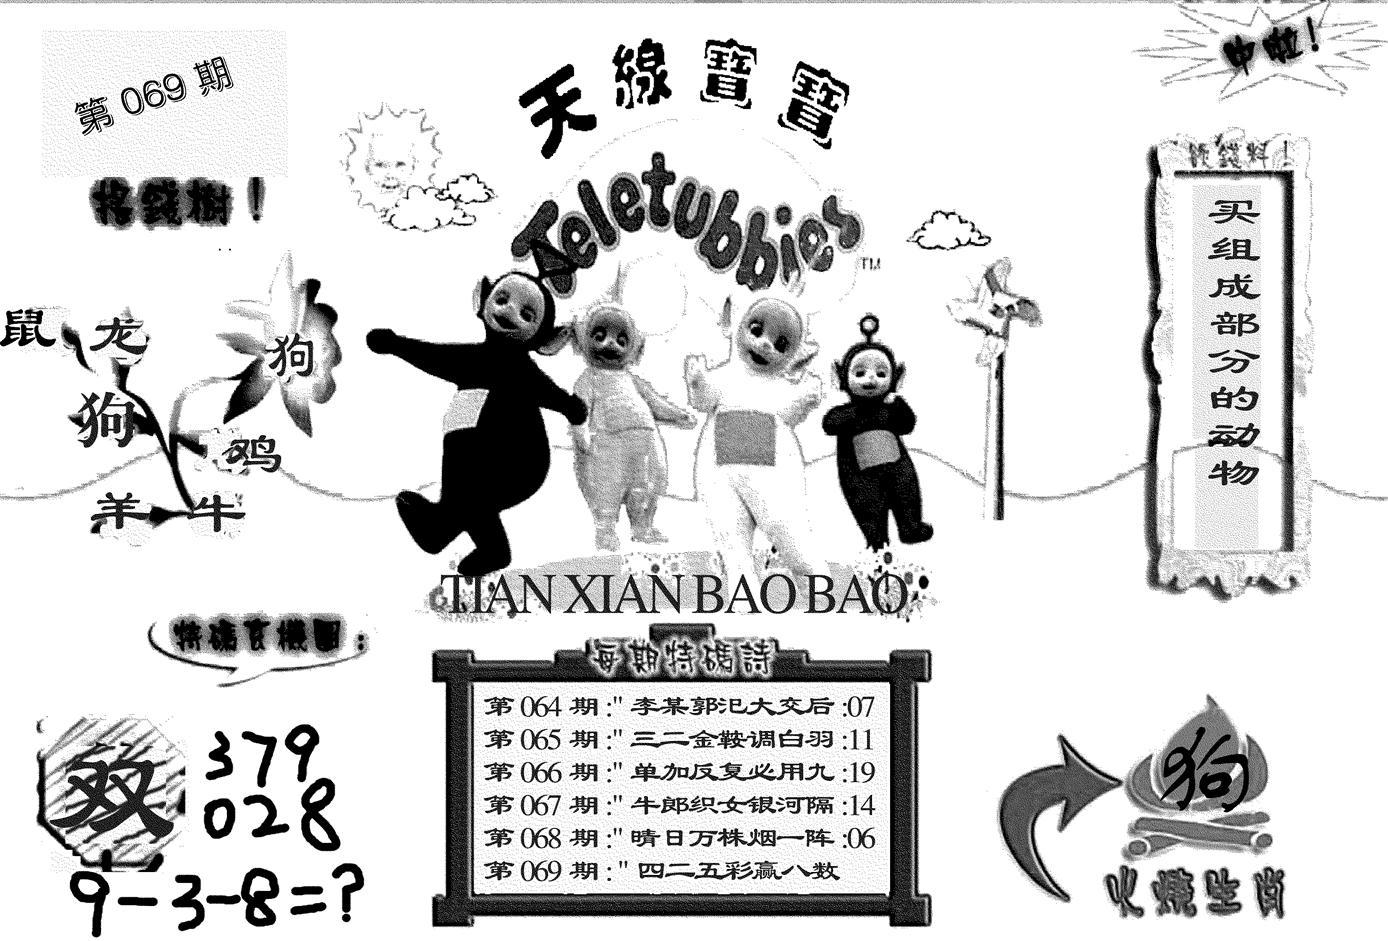 069期天线宝宝(黑白)(黑白)